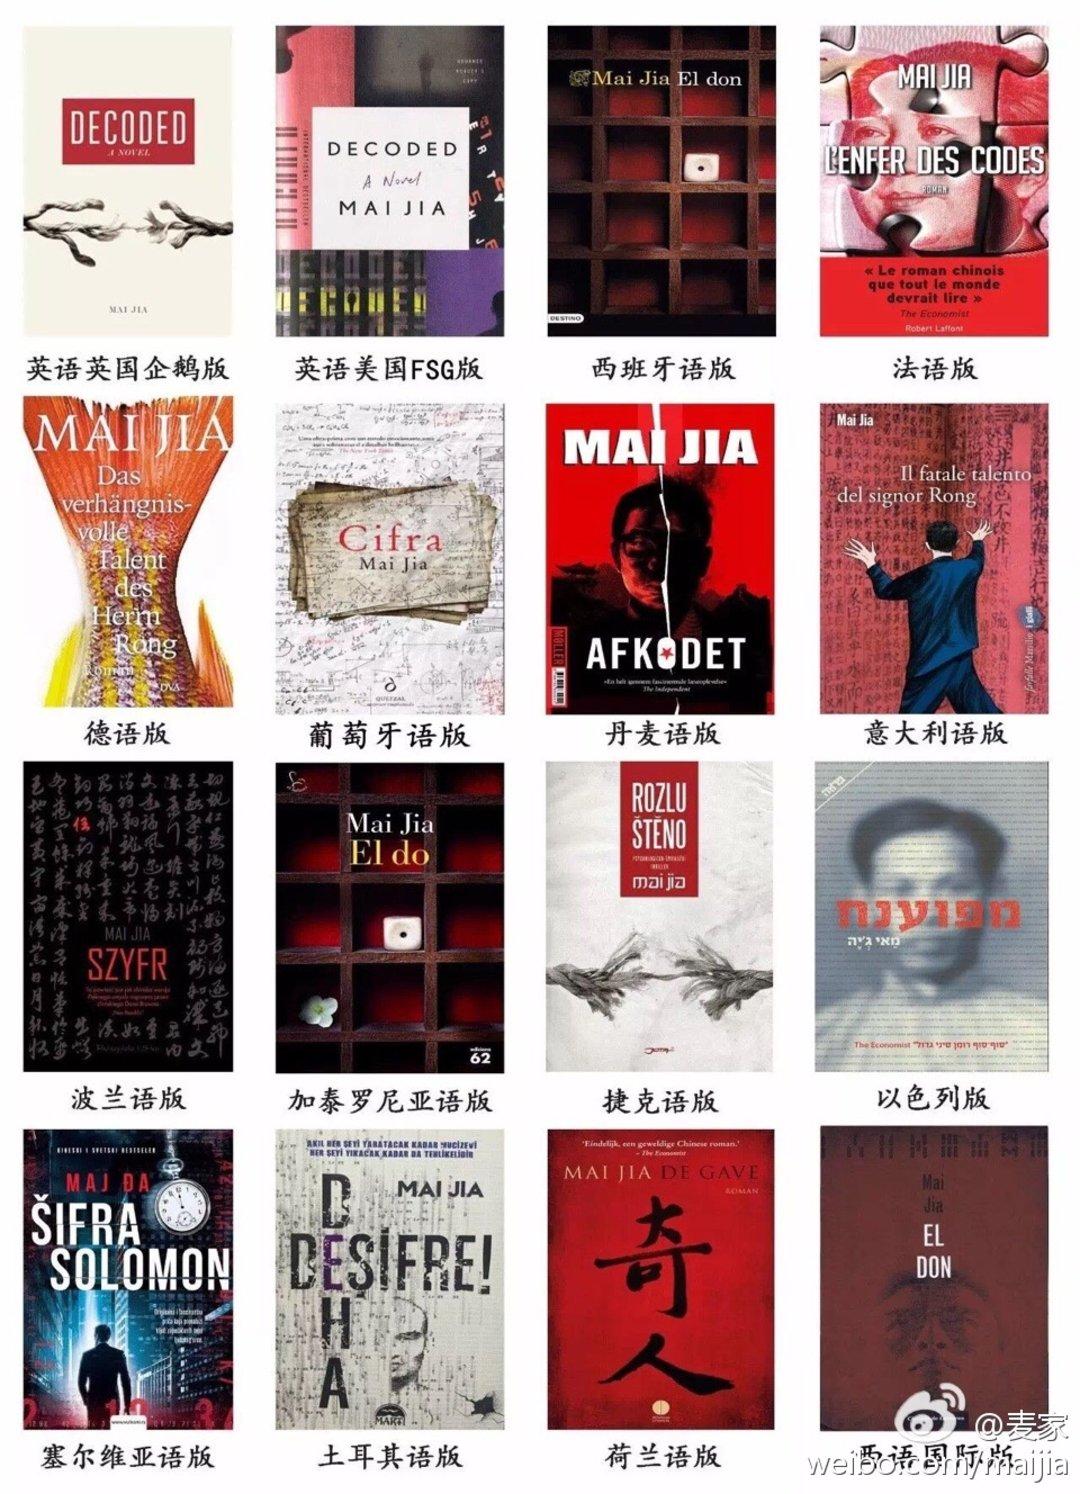 一个美国人想把中国文学推介到英语世界,他做了唯一一个相关网站 | 100 个有想法的人_文化_好奇心日报